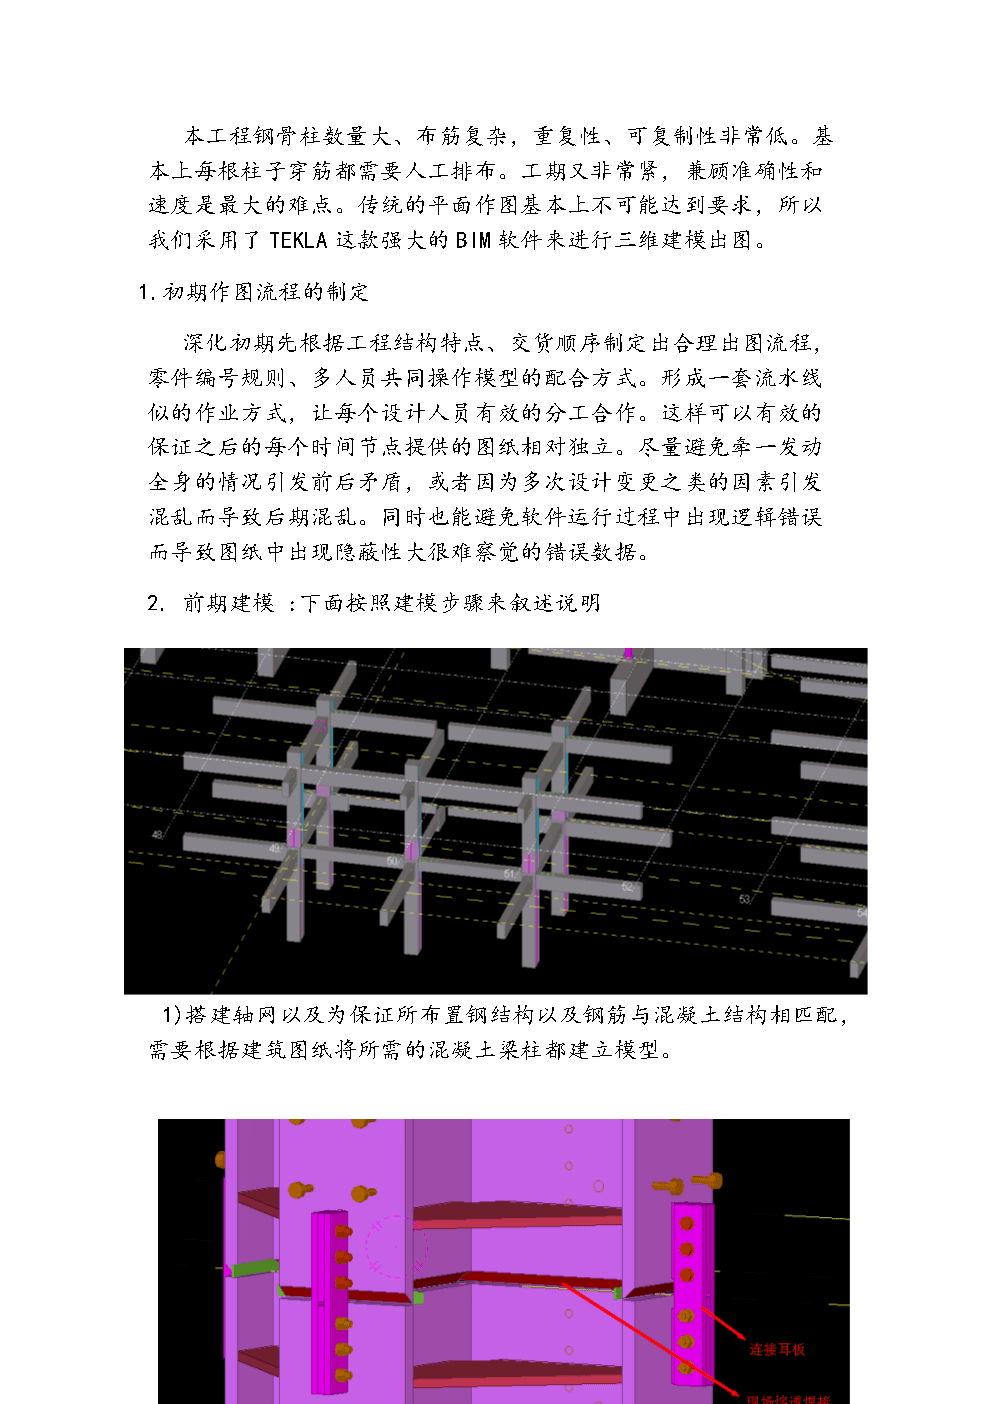 鲜活工程tekla详图设计概述.doc